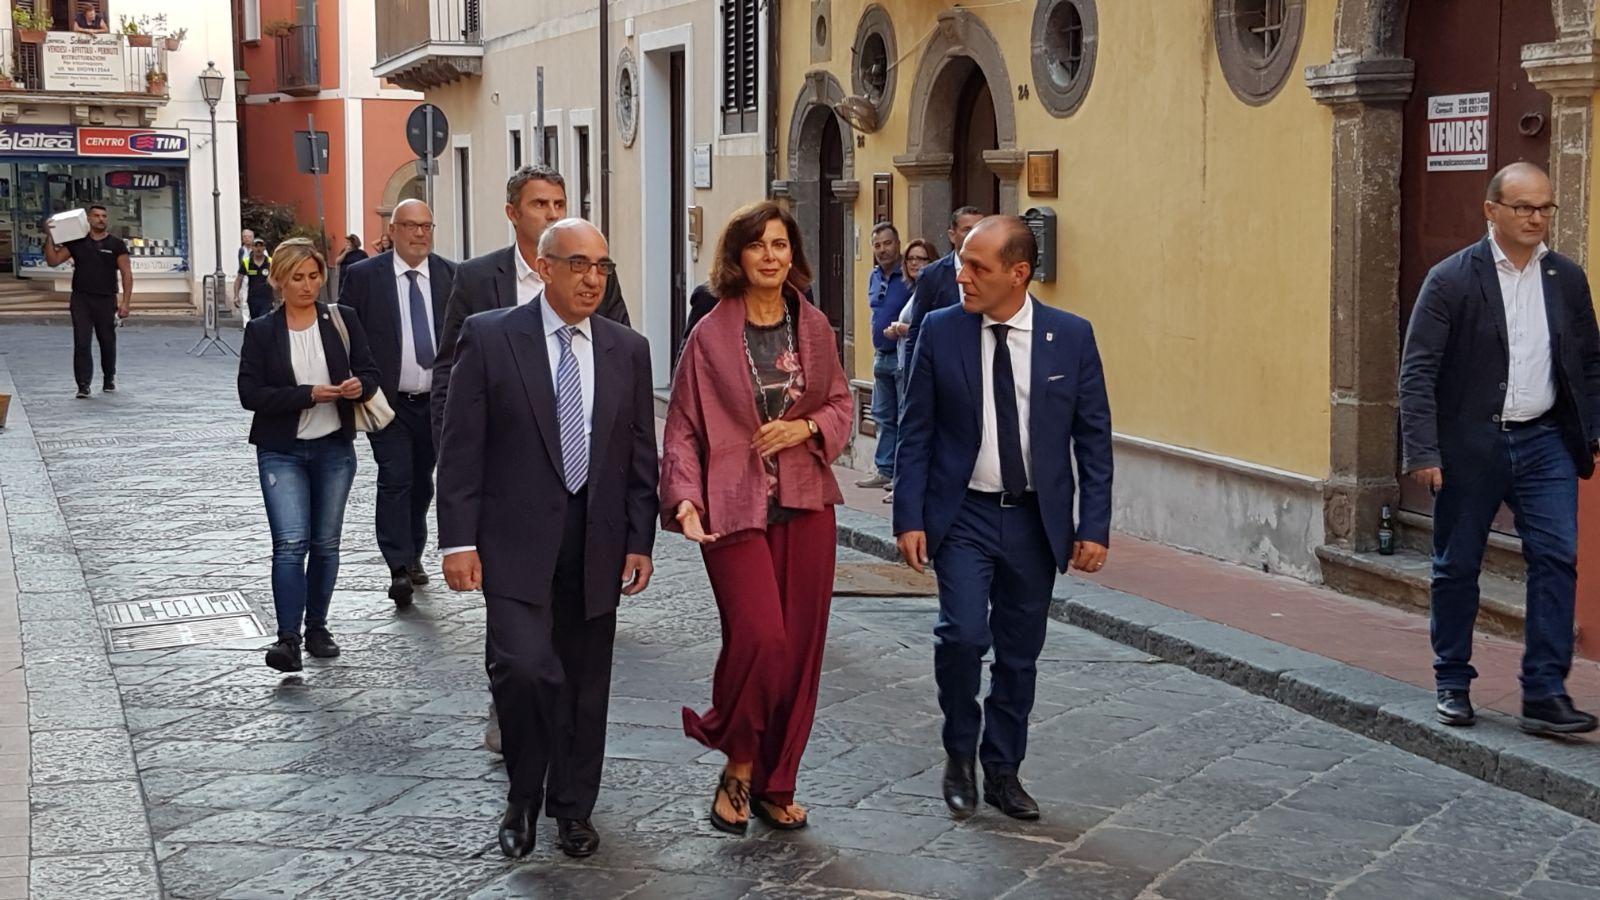 Eolie news presidente della camera boldrini oggi a for Presidente della camera attuale